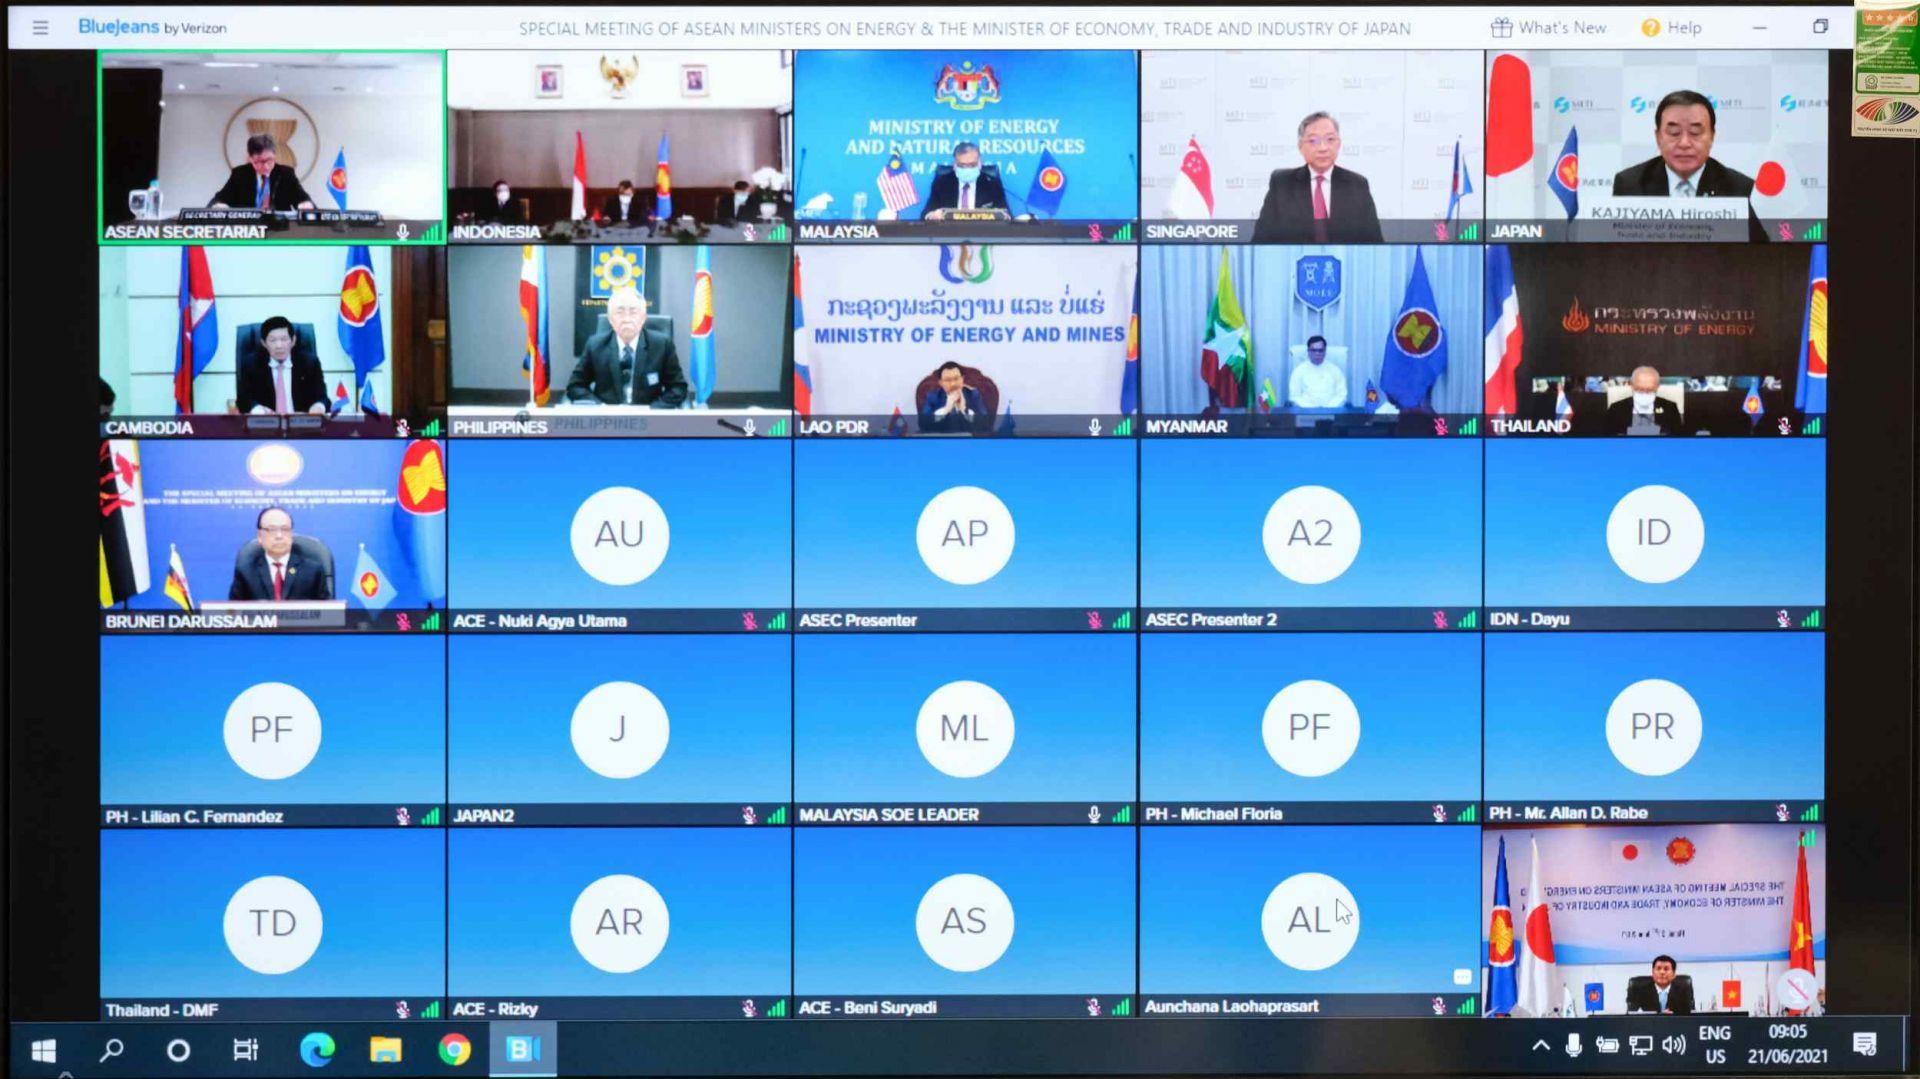 Hội nghị đặc biệt AMEM - METI được tổ chức theo hình thức trực tuyến